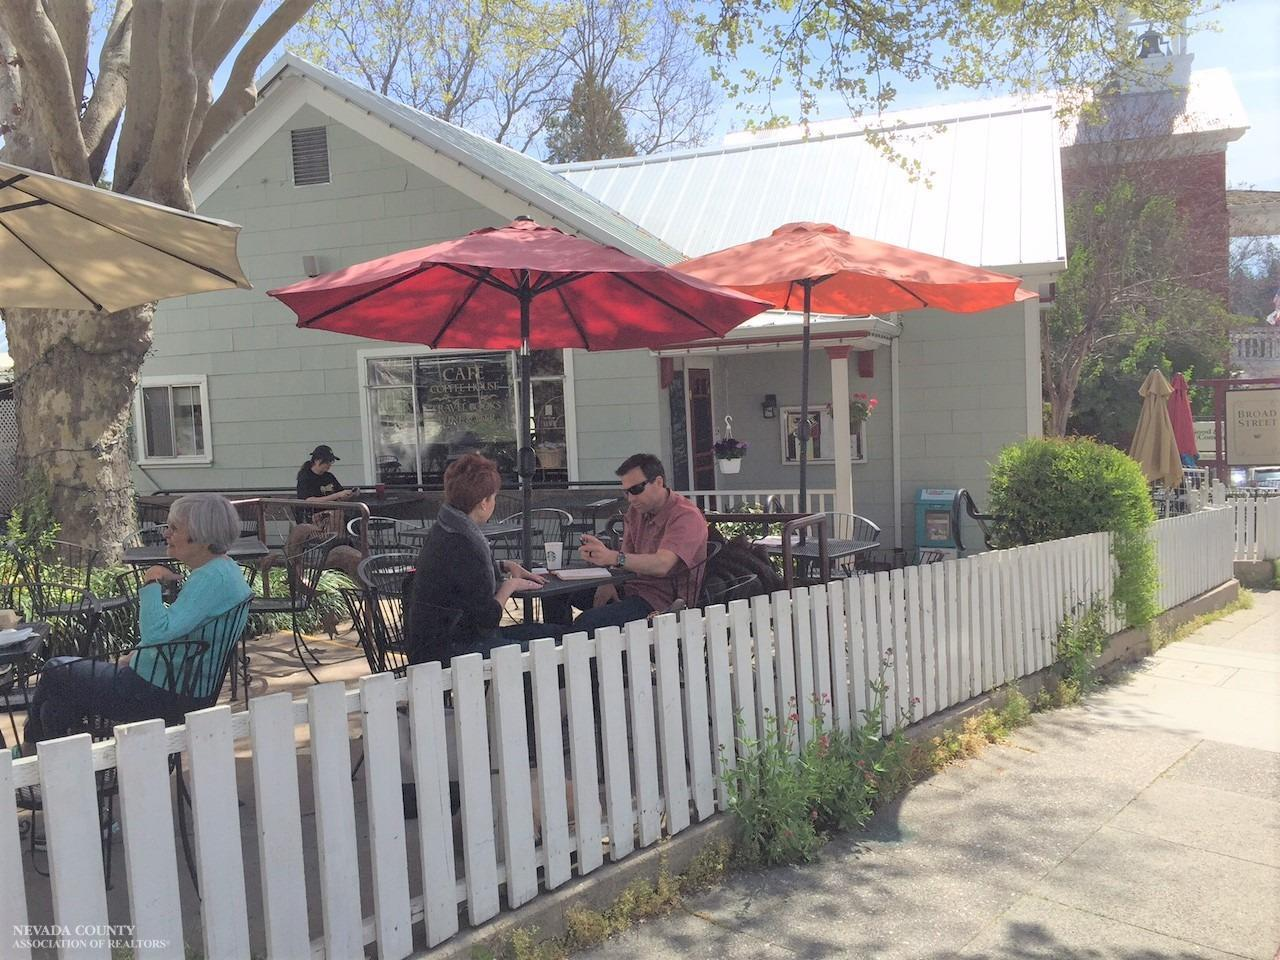 426 Broad Street, Nevada City CA 95959 - Photo 1